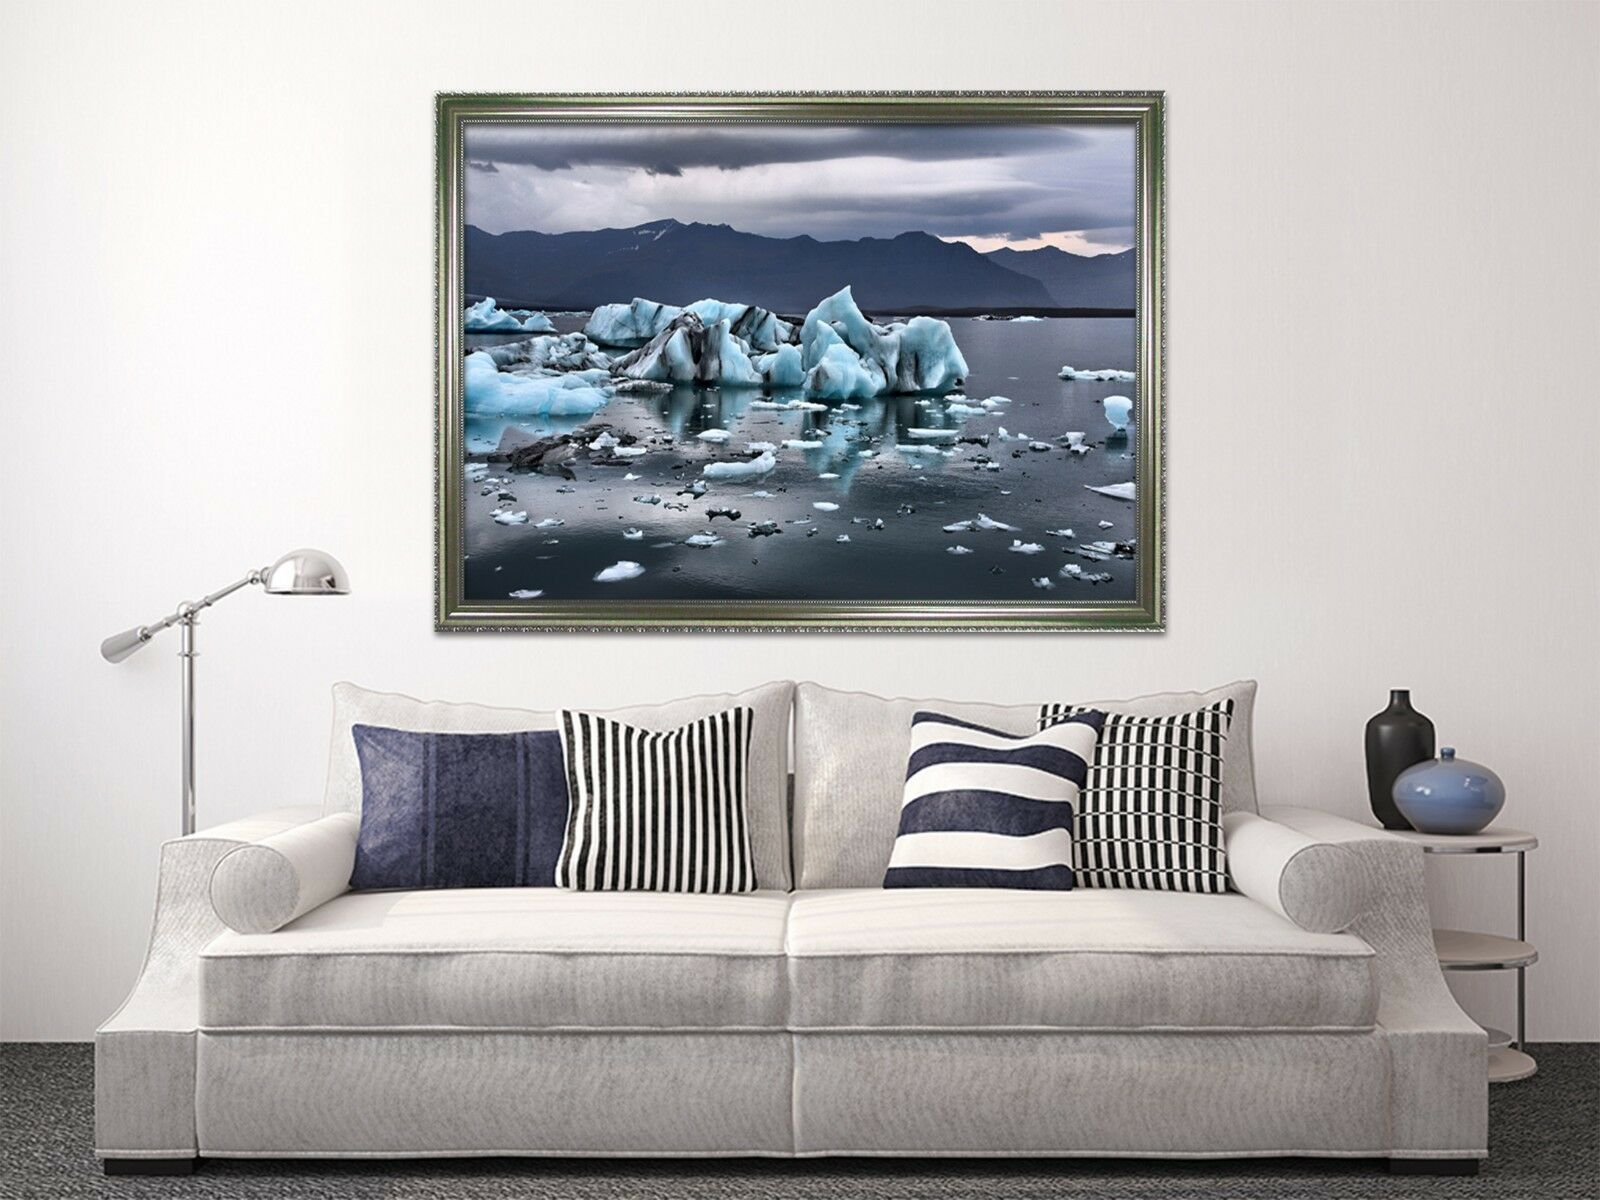 3D Melting Ice 52 Framed Poster Home Decor Print Painting Art AJ WALLPAPER